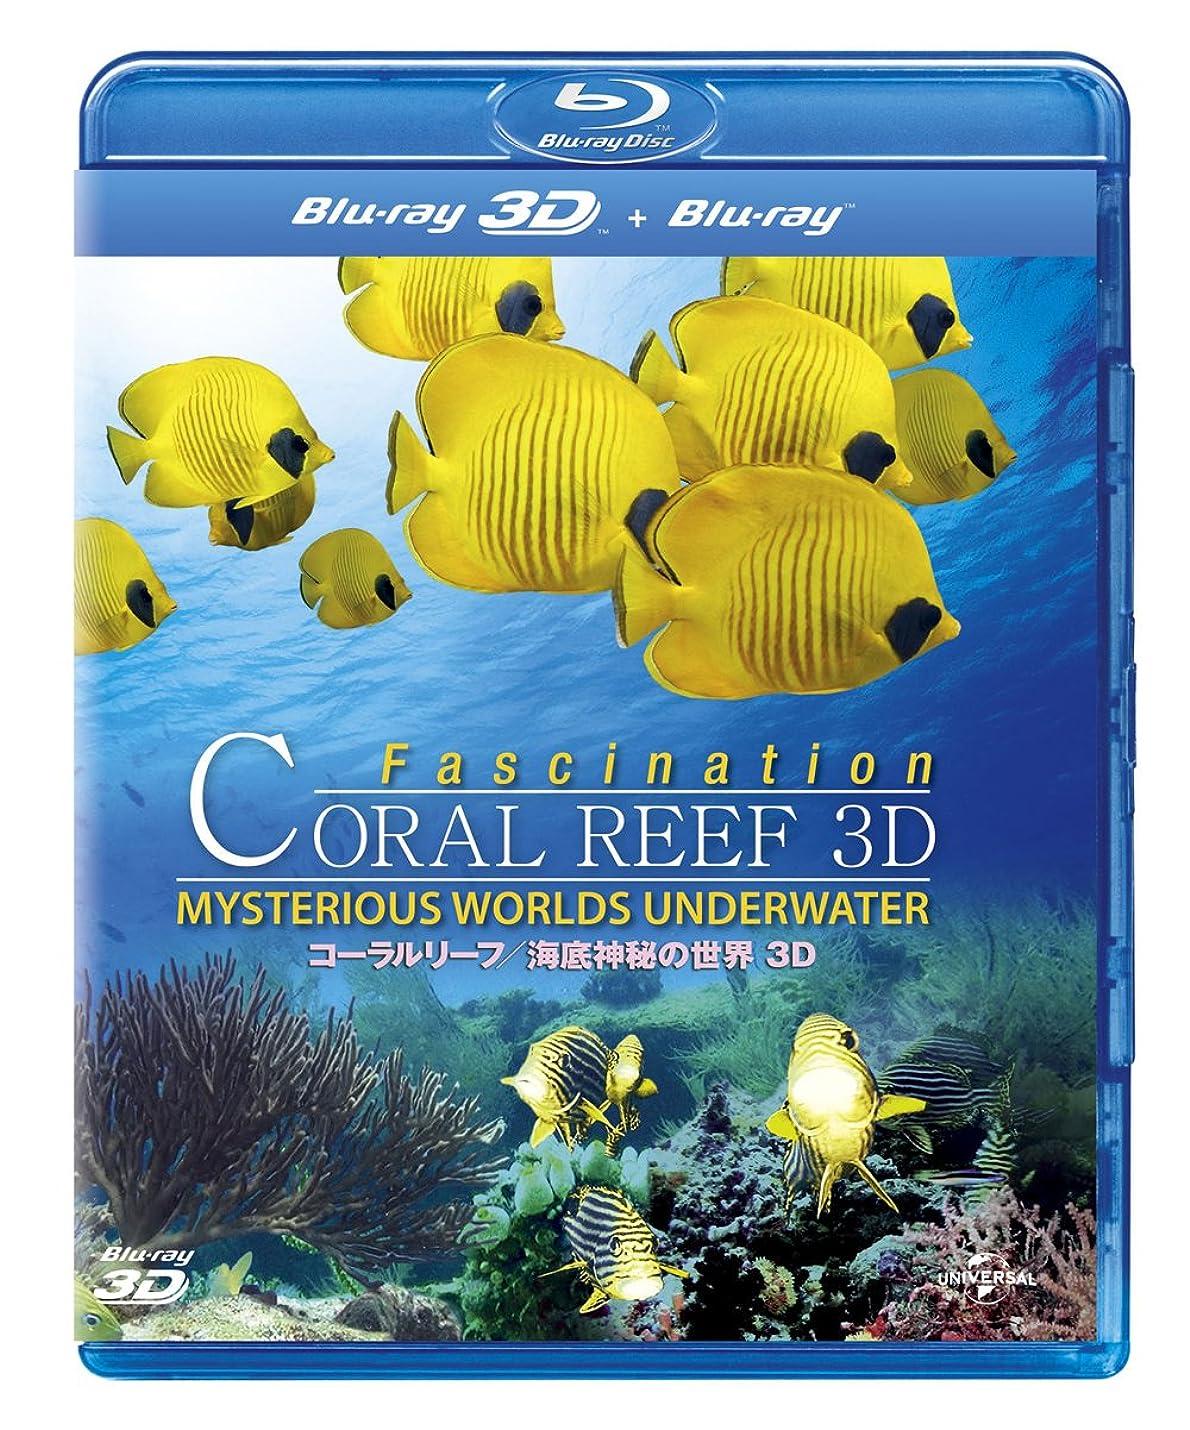 落ち着くライド一元化するコーラルリーフ/海底神秘の世界 3D [Blu-ray]